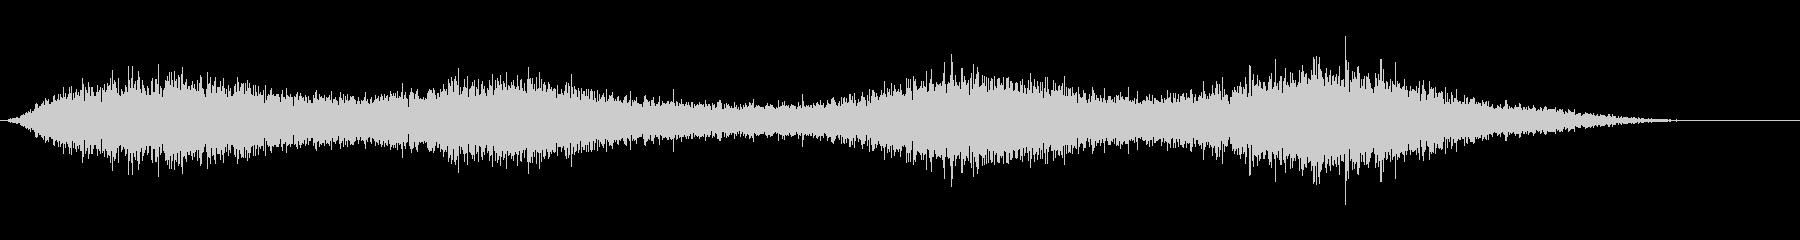 【生録音】 早朝の街 交通 環境音 7の未再生の波形